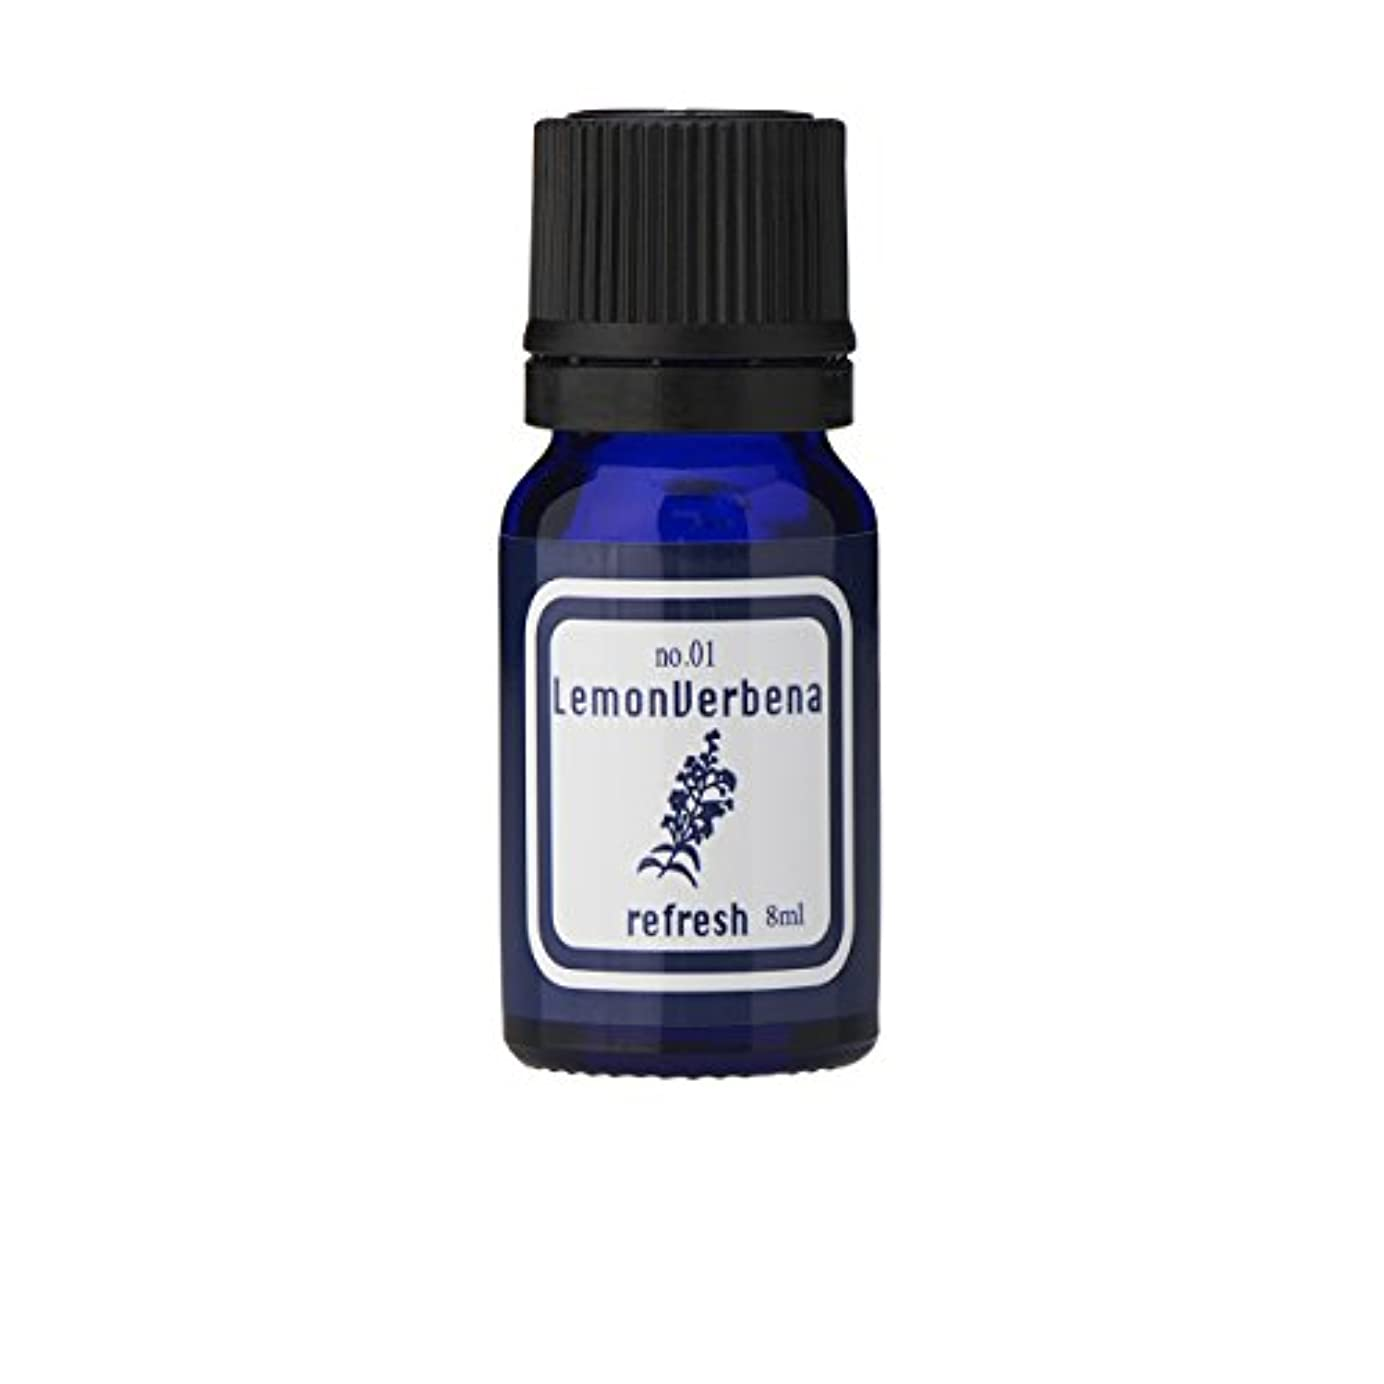 モスク胃剣ブルーラベル アロマエッセンス8ml レモンバーベナ(アロマオイル 調合香料 芳香用)